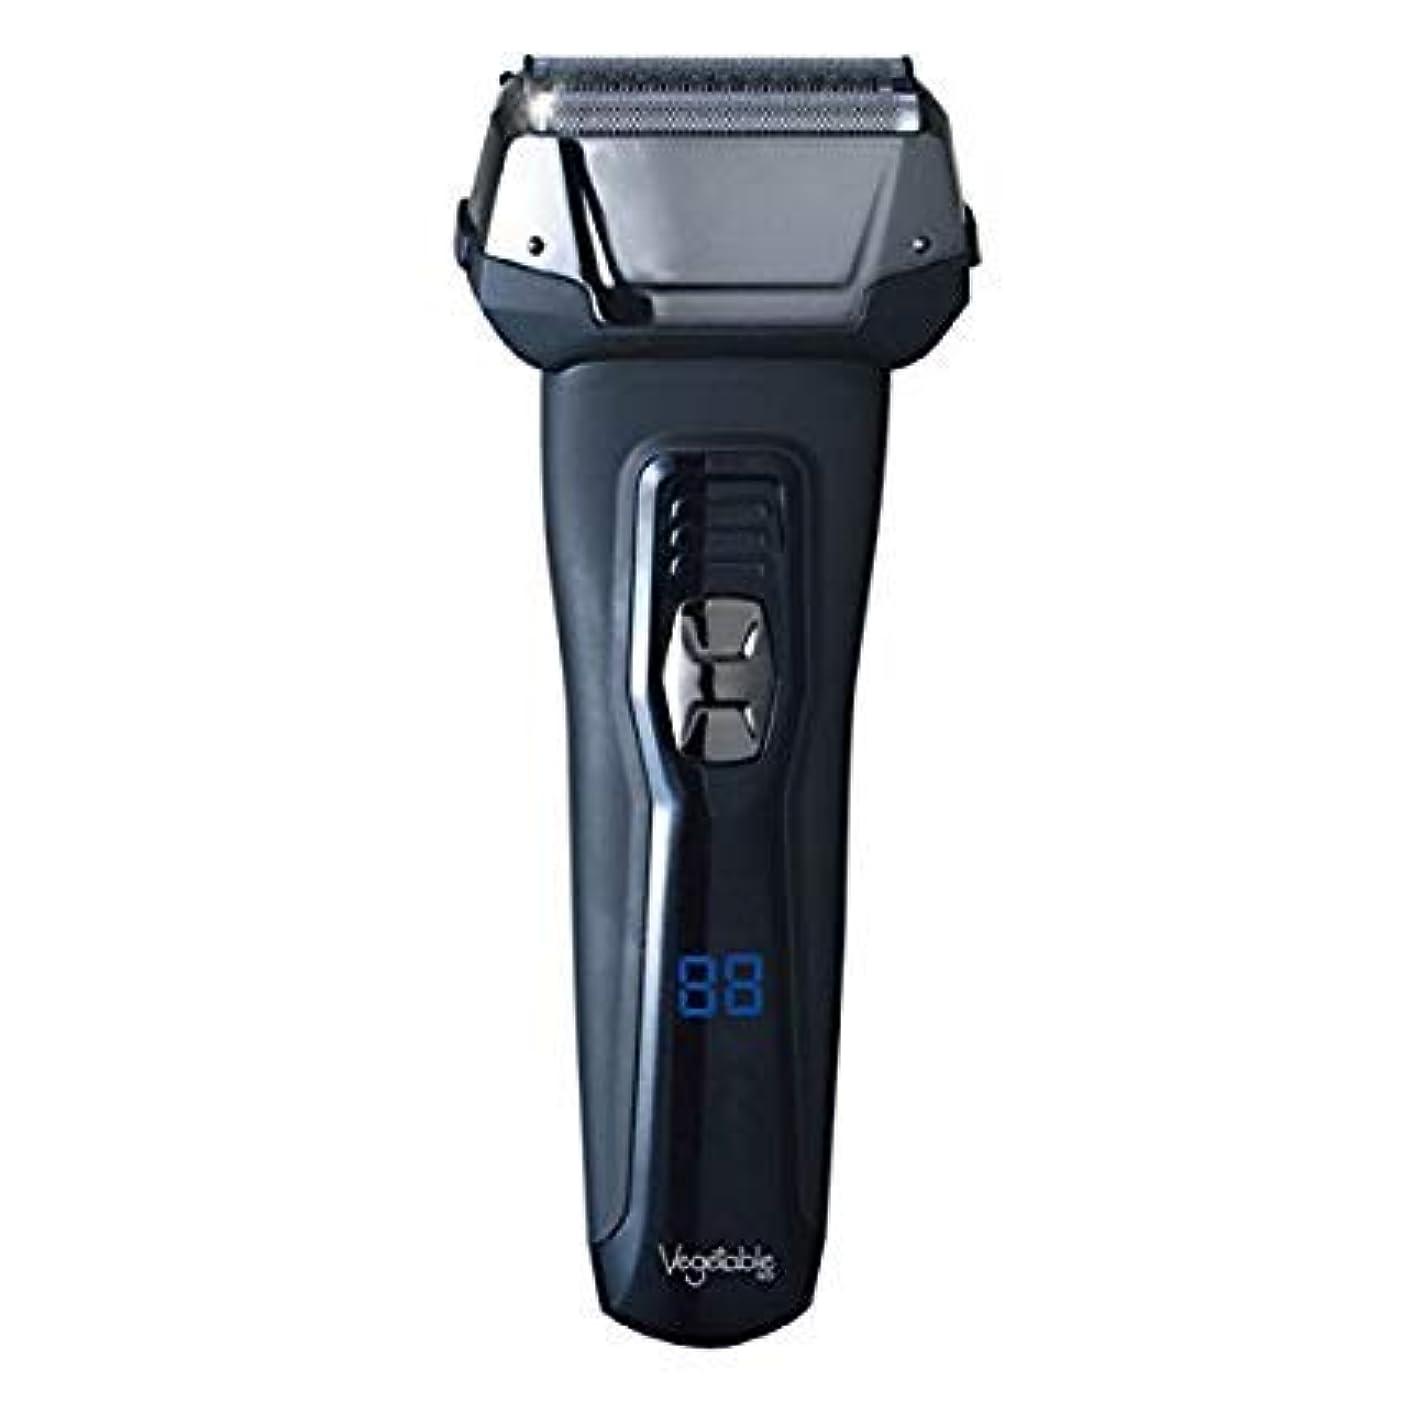 乱雑なラッドヤードキップリング蘇生する髭剃り 電気シェーバー Vegetable 3枚刃 充電交流式ウォッシャブルデジタルシェーバー GD-S307D